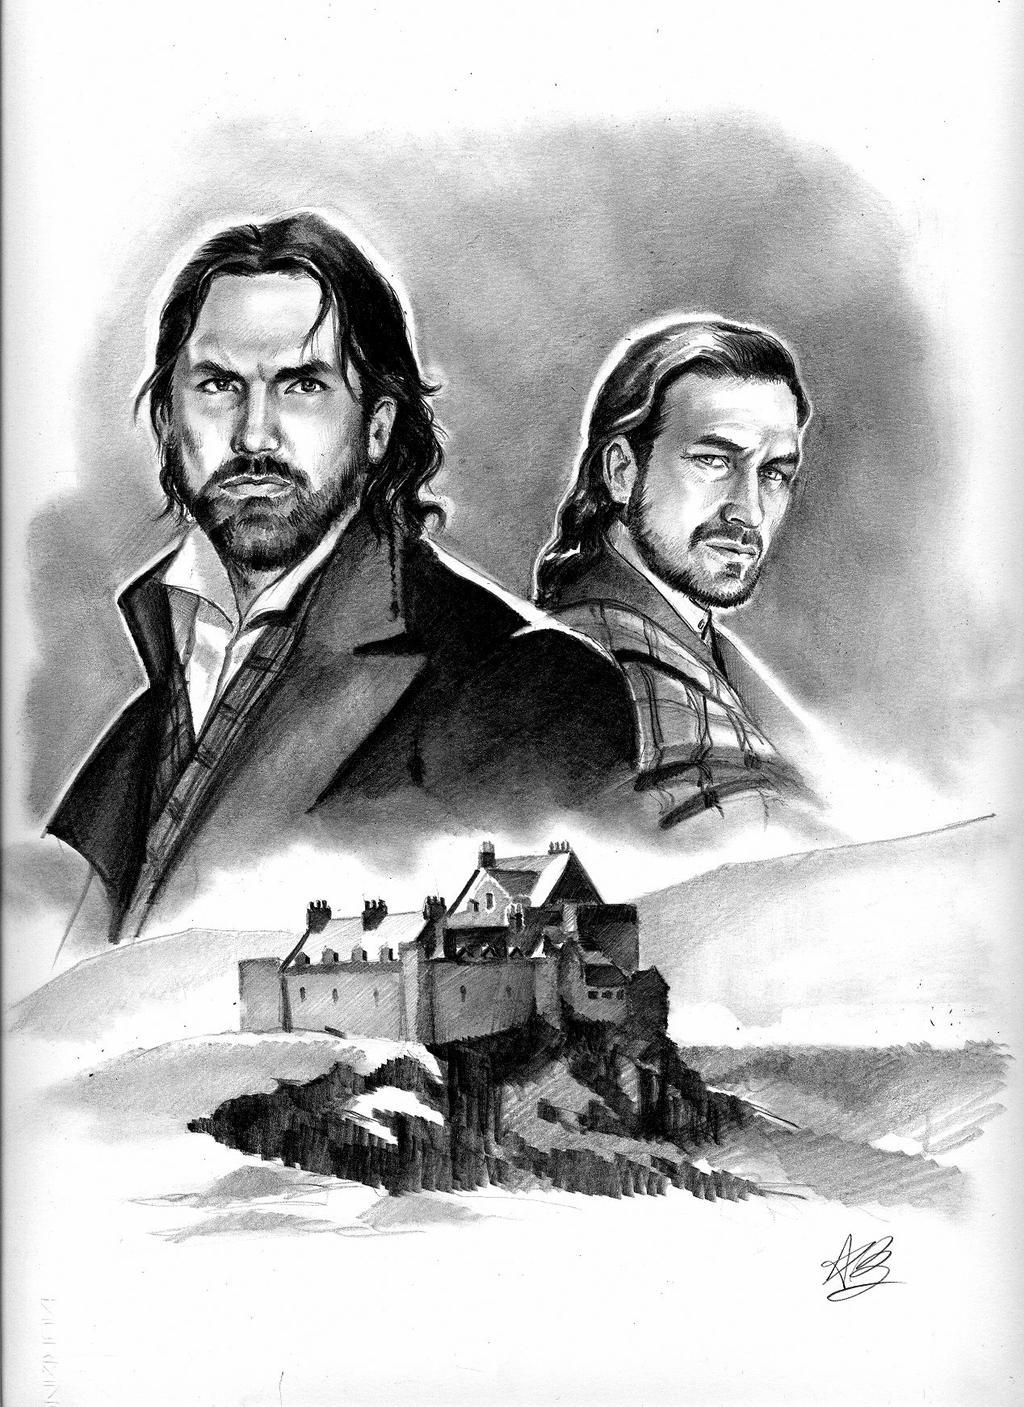 the MacKenzie brothers by aryundomiel